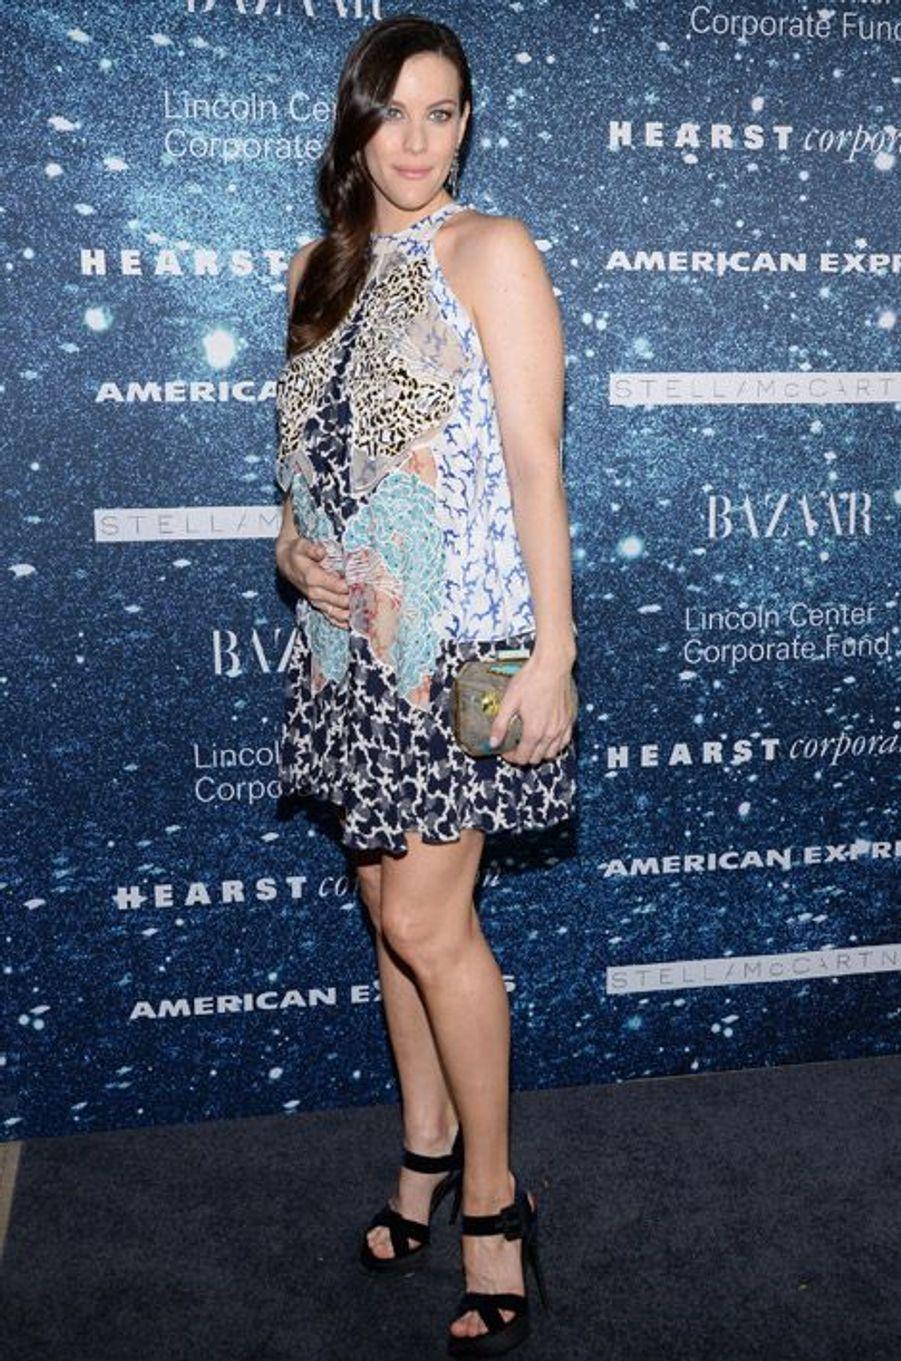 L'actrice Live Tyler enceinte lors d'une soirée en l'honneur de la créatrice Stella McCartney à New York, le 13 novembre 2014